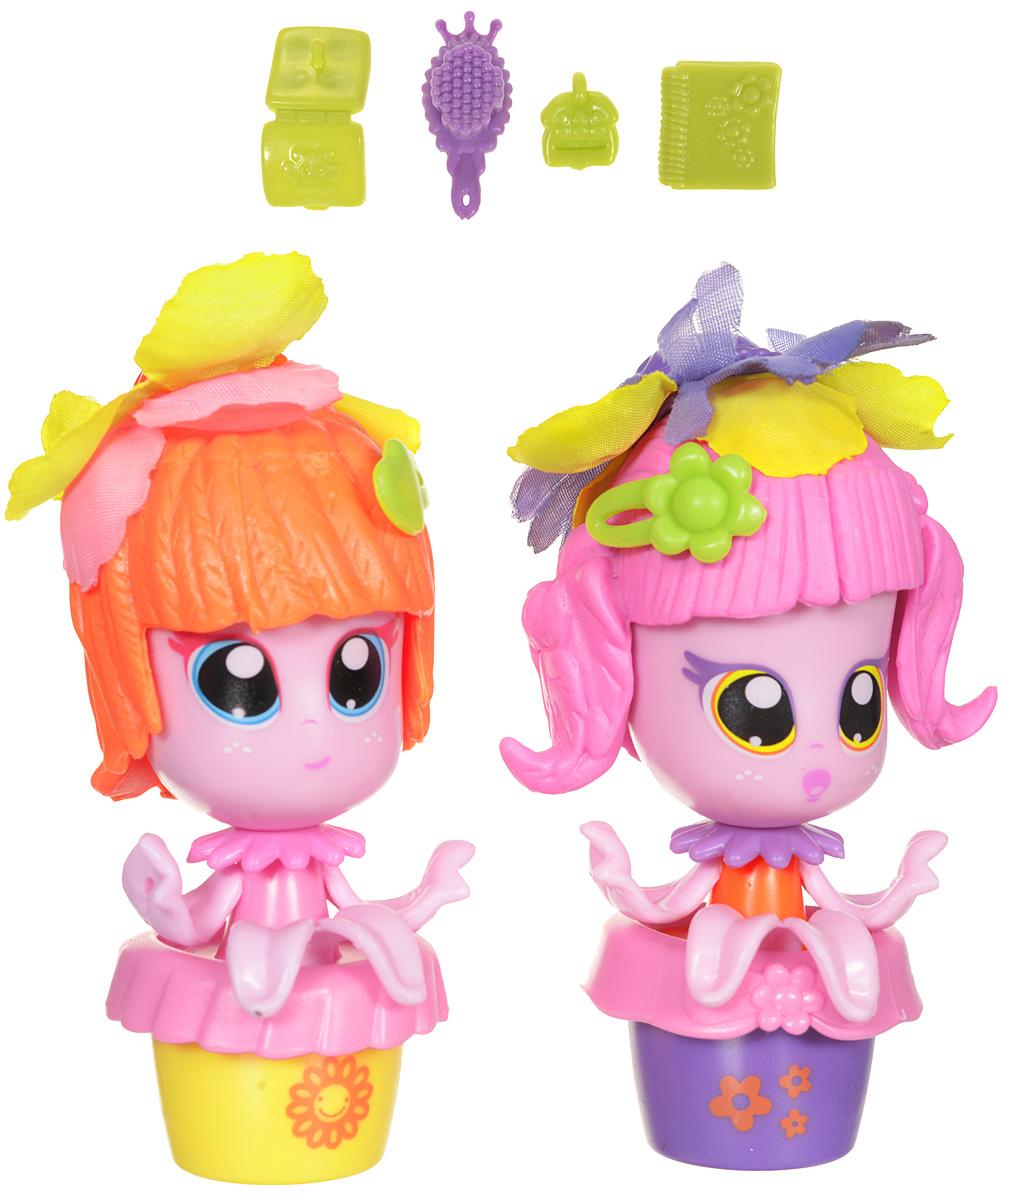 Daisy Игровой набор с мини-куклами Цветочек цвет розовый оранжевый 2 шт колыбель для куклы с аксессуарами белая для мини кукол